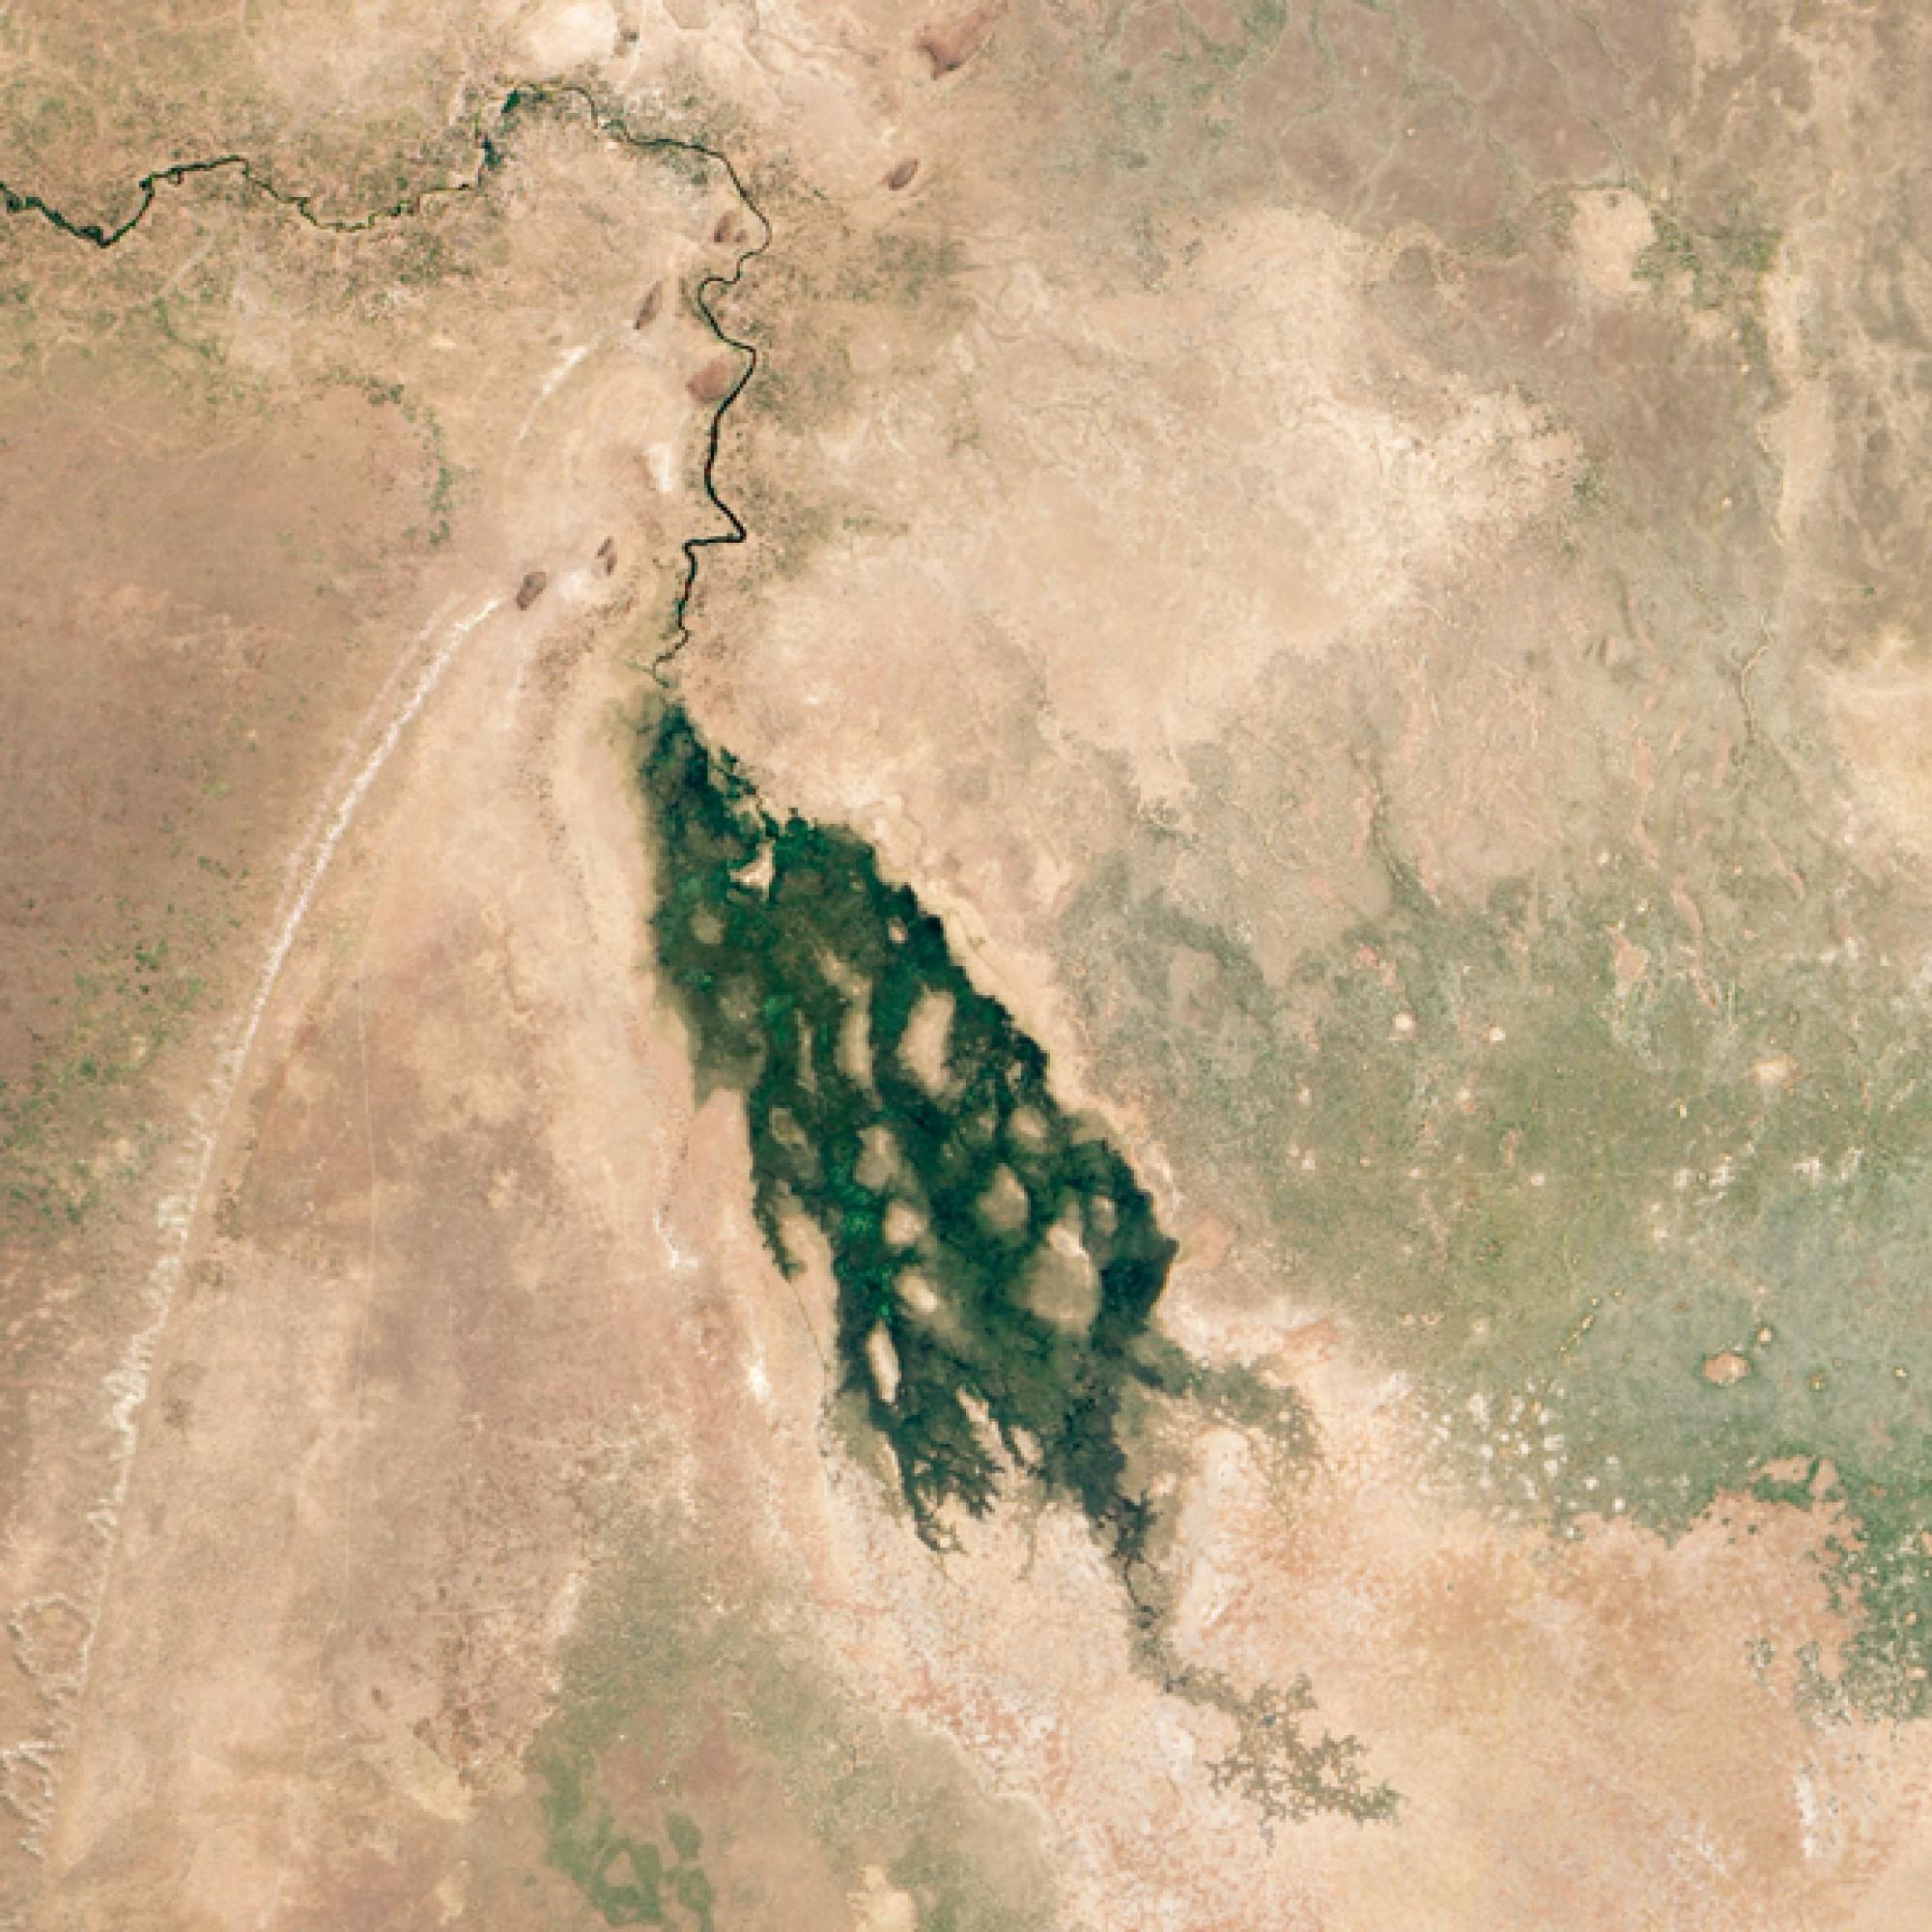 Ein grünes Juwel mitten in der Kalahari-Wüste: das Okavango-Delta. (Nasa)